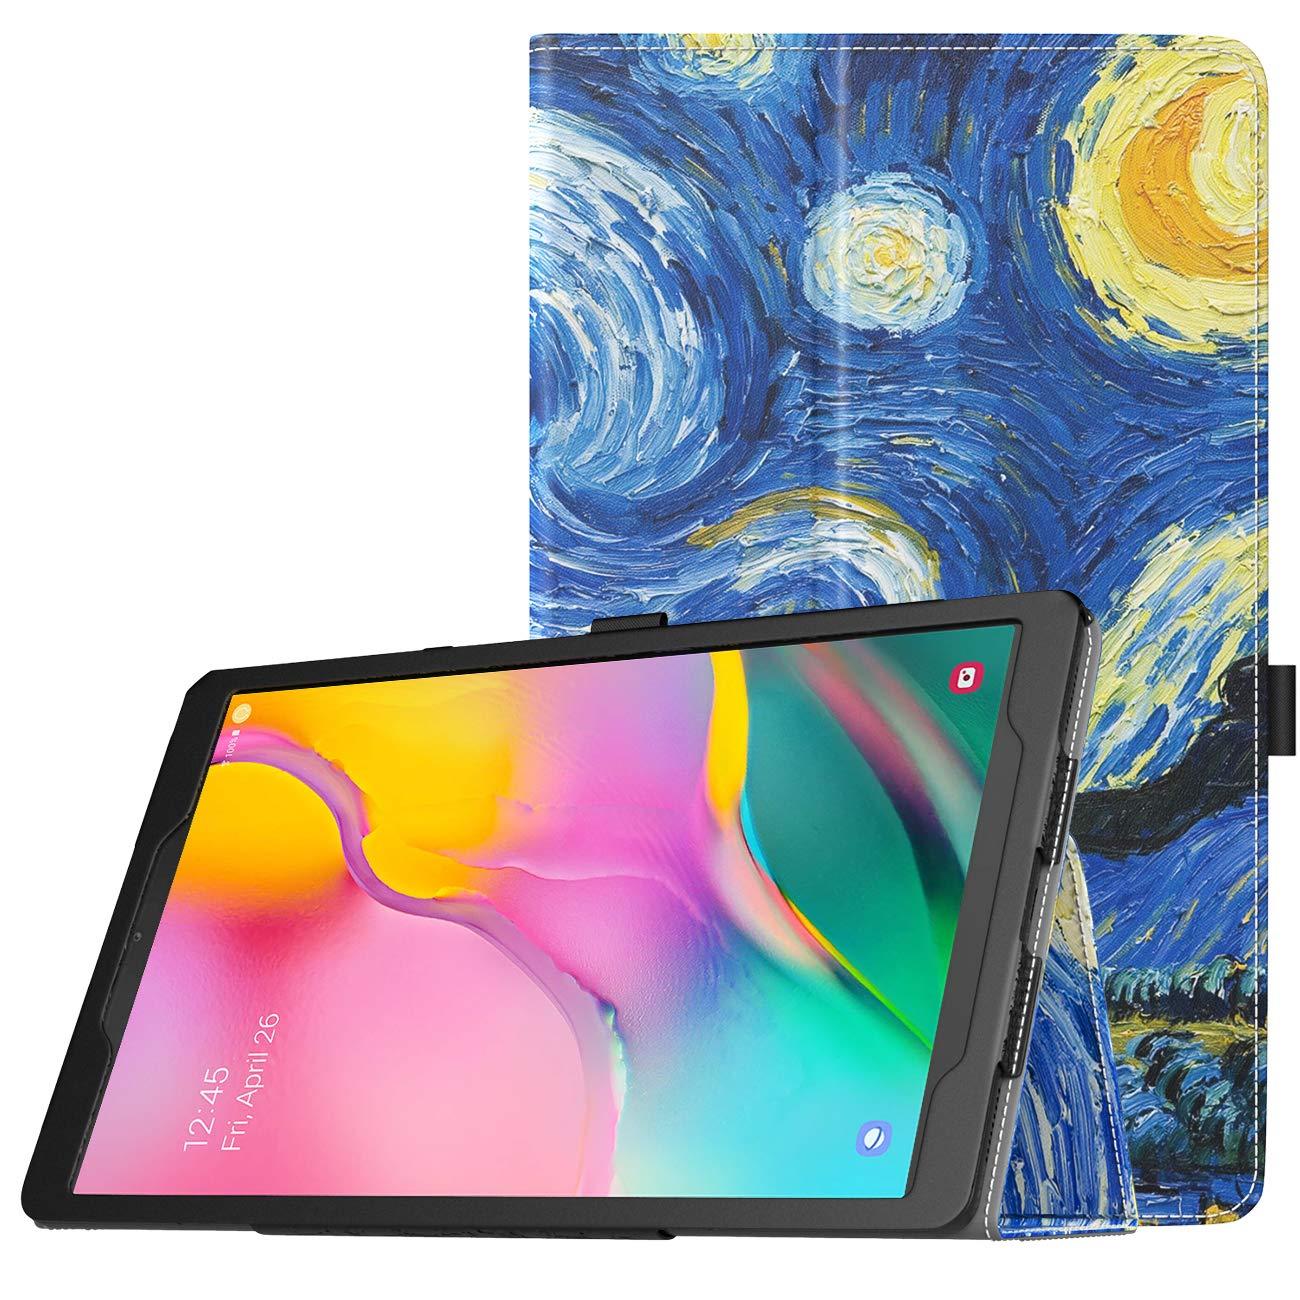 Funda Samsung Galaxy Tab A 10.1 SM-T510 (2019) TIMOVO [7RXMX58W]